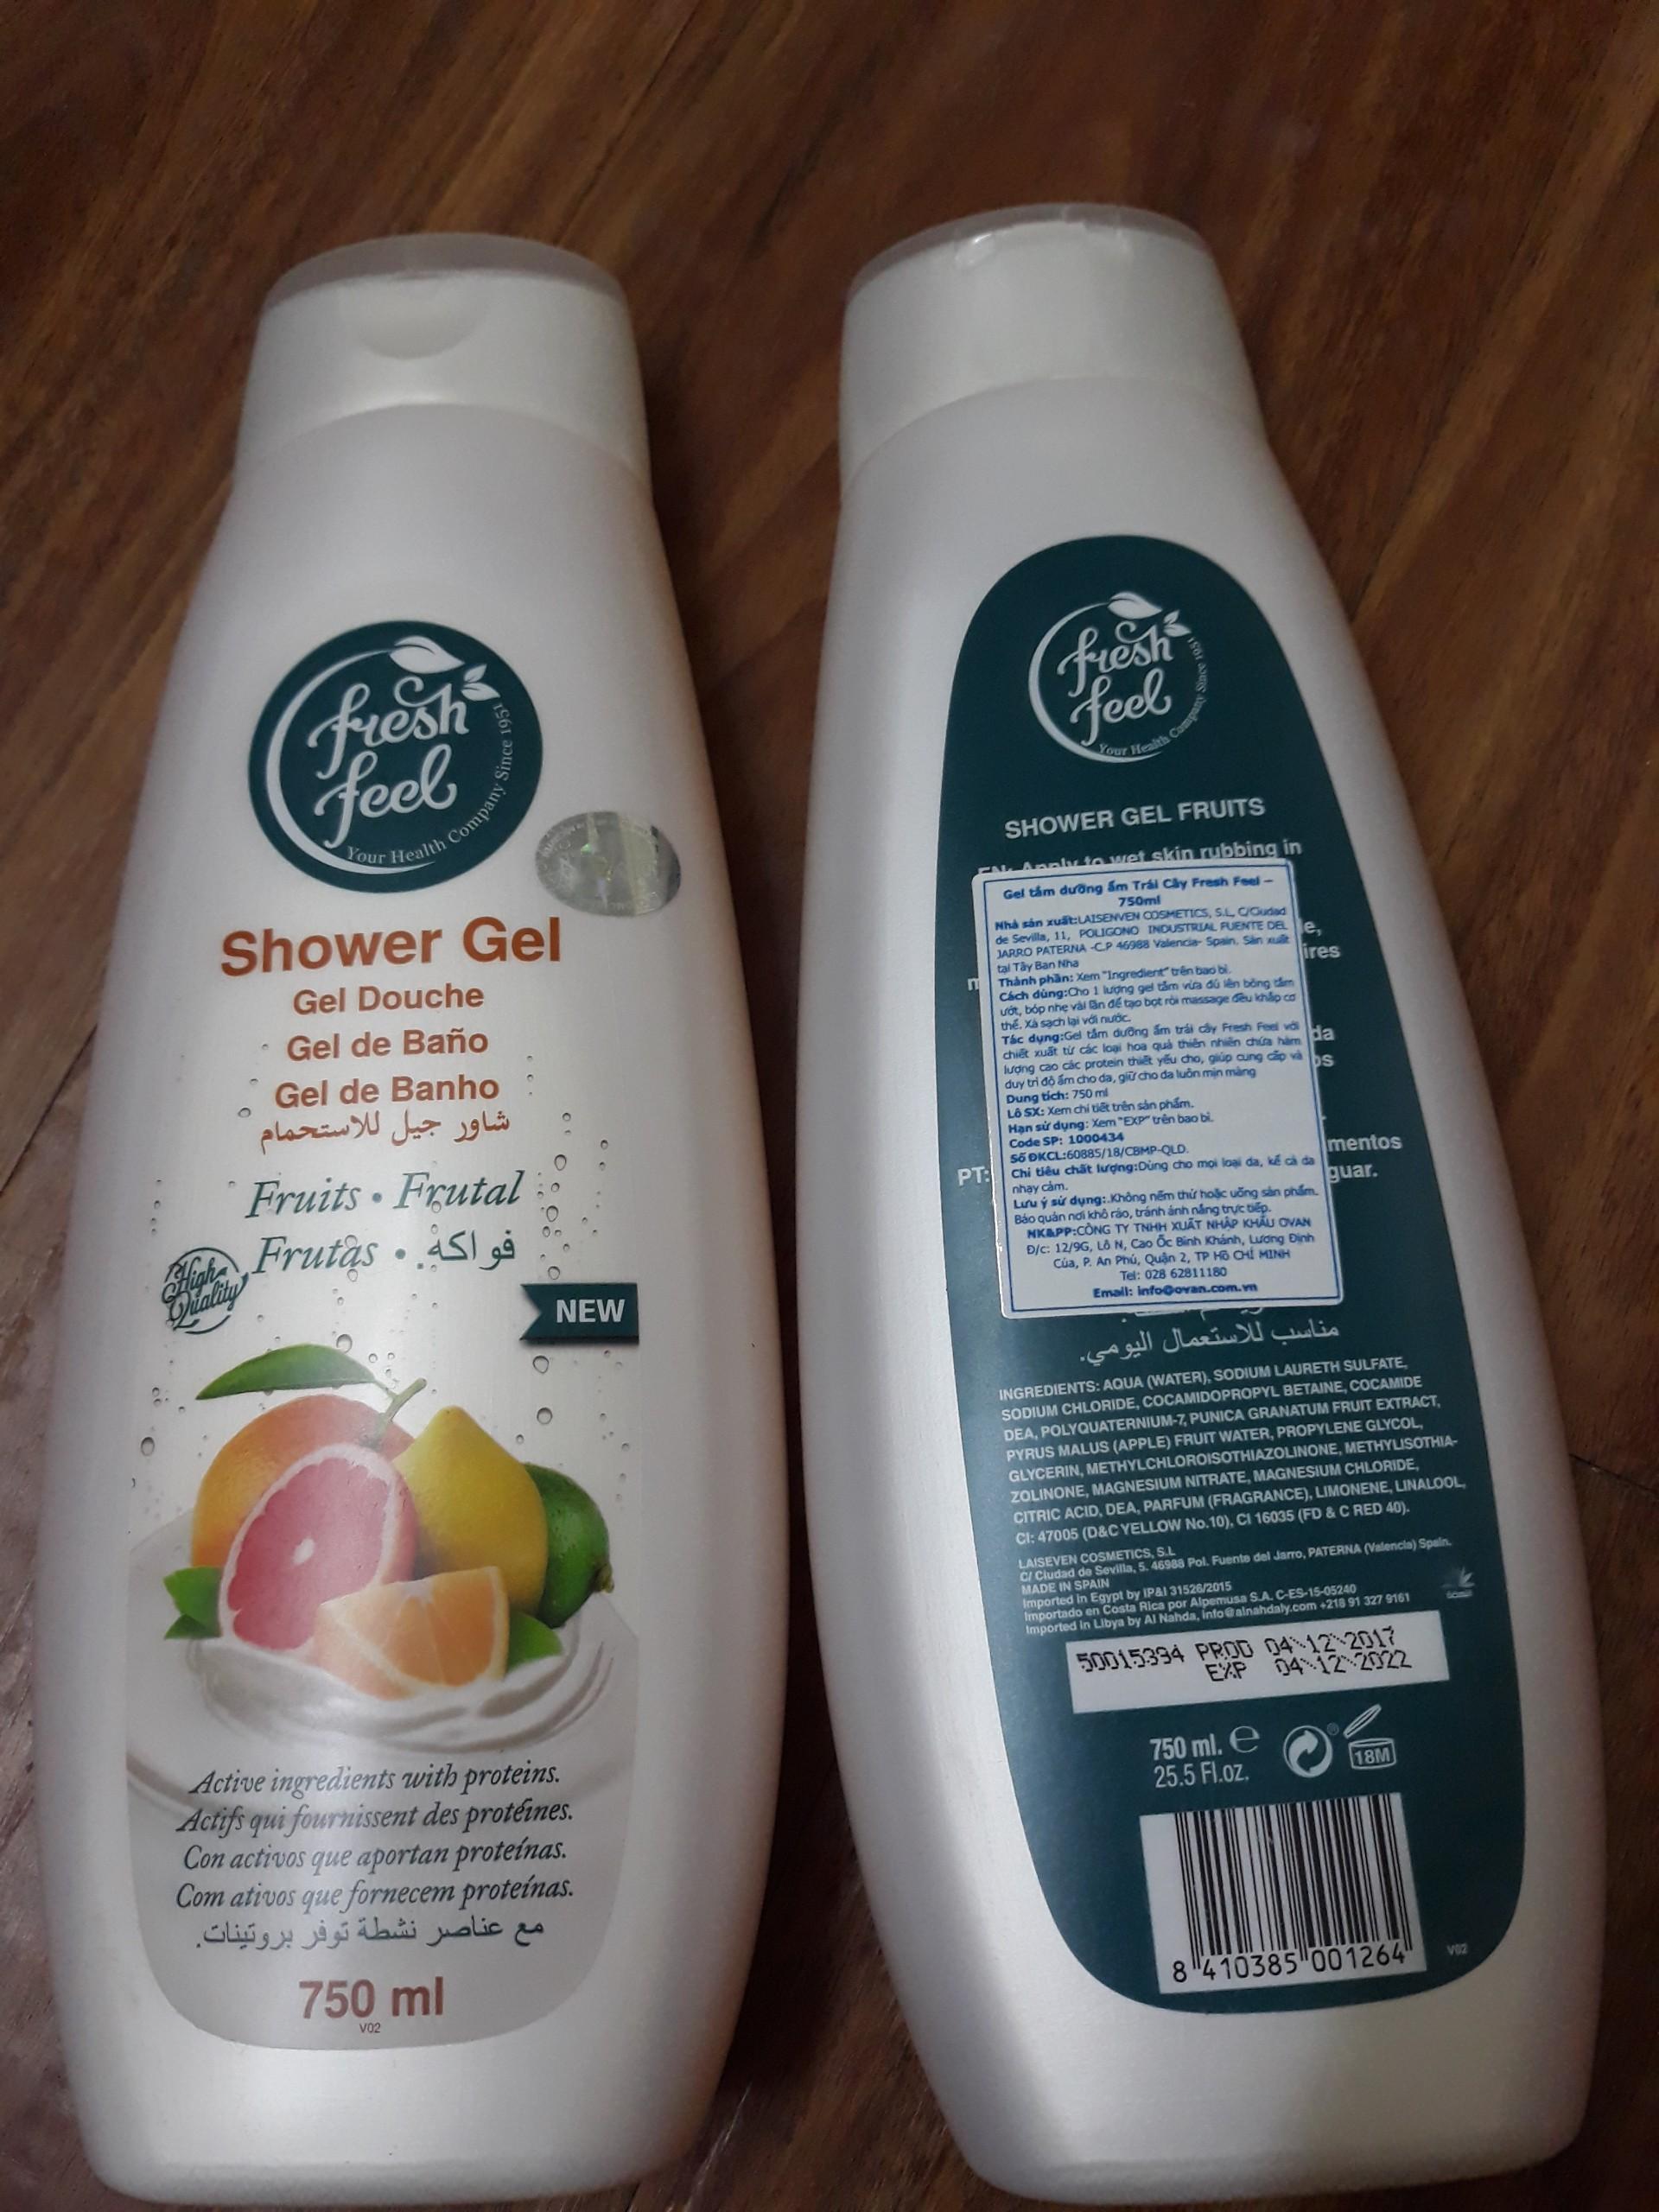 Gel tắm dưỡng ẩm trái cây Fresh Feel - Chiết xuất từ các loại hoa quả thiên nhiên - Cung cấp và duy trì độ ẩm cho da - Chai 750ml